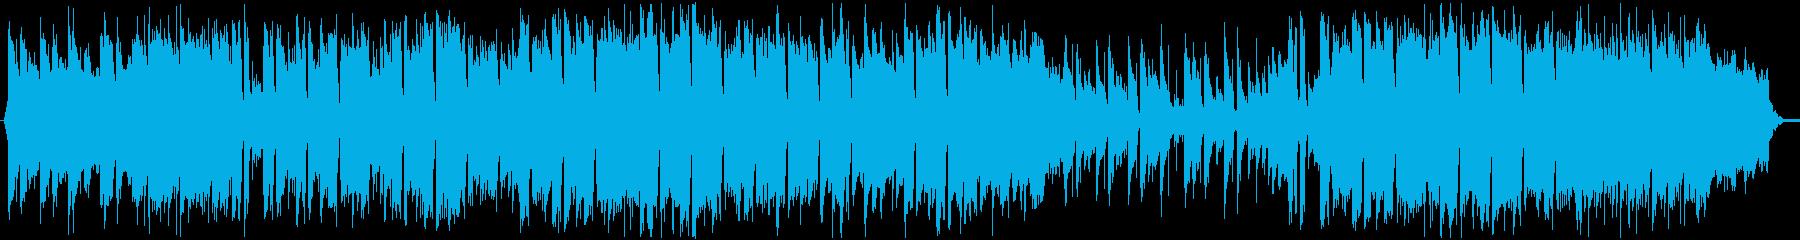 明るくて前向きな日常曲の再生済みの波形